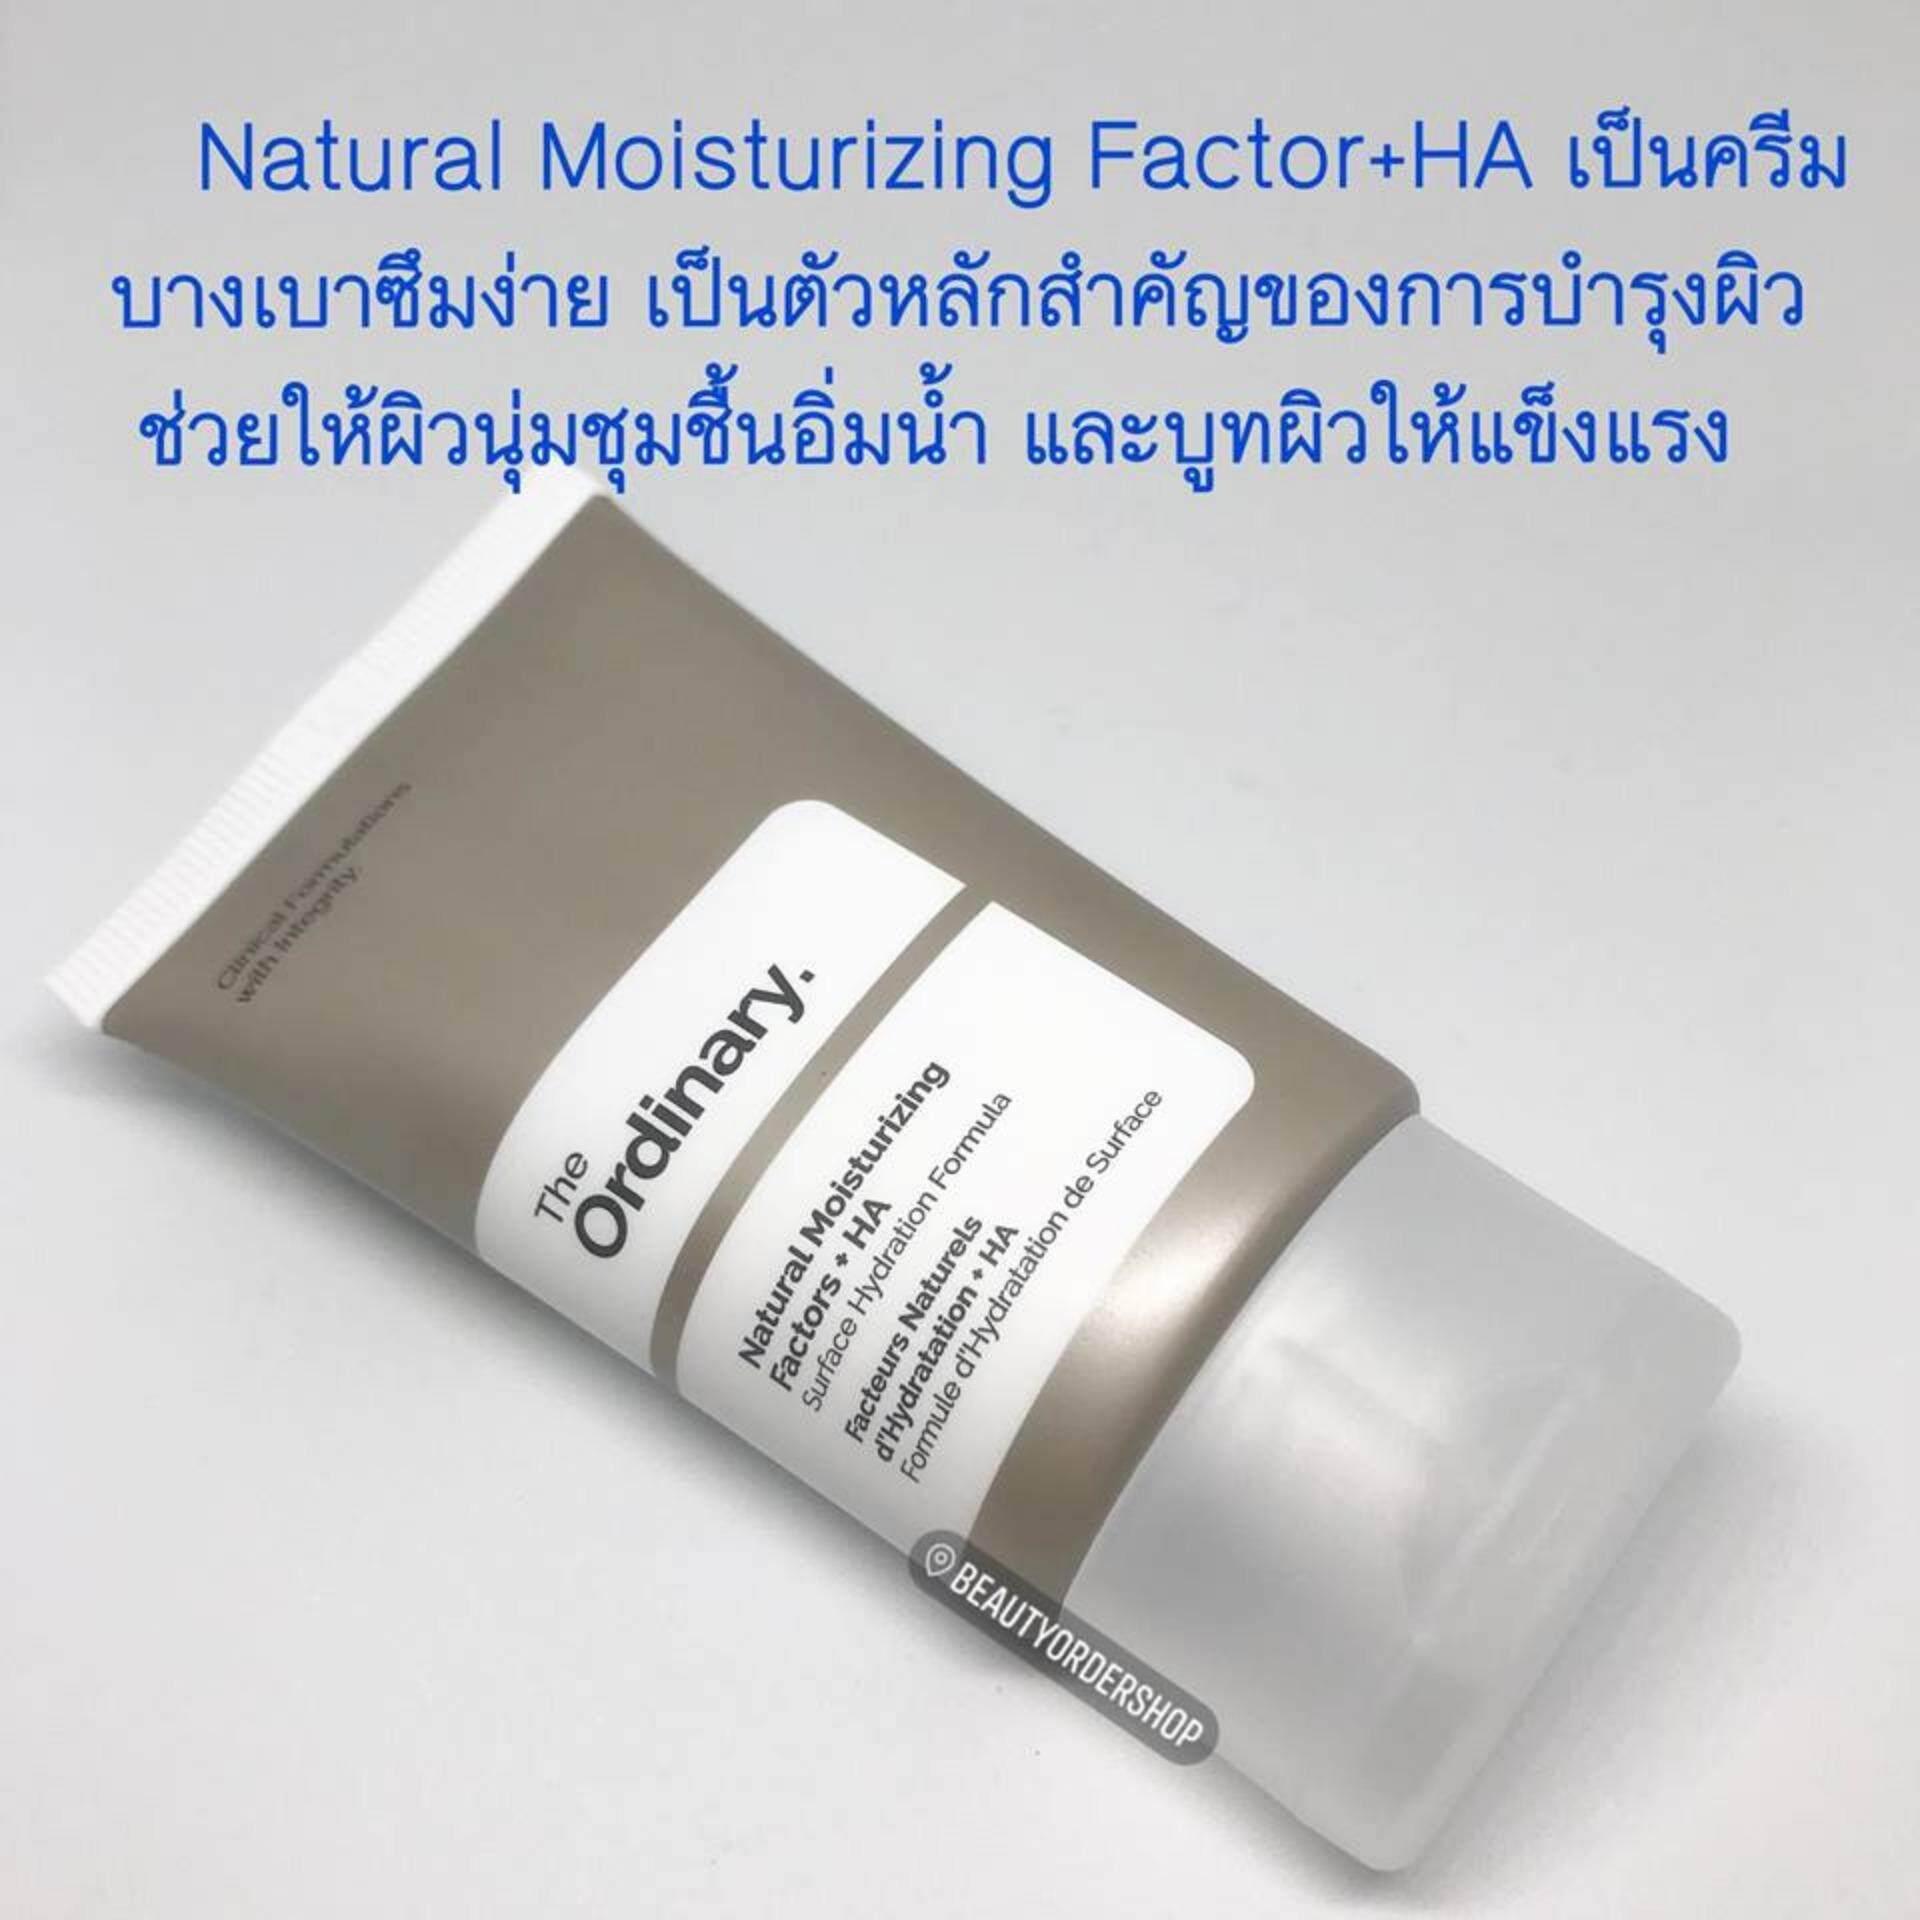 ขายดีมาก! ส่งKerry :The Ordinary Natural Moisturizing Factors + HA 30ml.  ของแท้ 100% ให้ความชุ่มชื้น เนื้อครีมบางเบา ไม่เหนียวเหนอะหนะ ไม่มีแอลกอฮอล เหมาะกับผิวแพ้ง่าย ไม่อุดตันก่อให้เกิดสิว